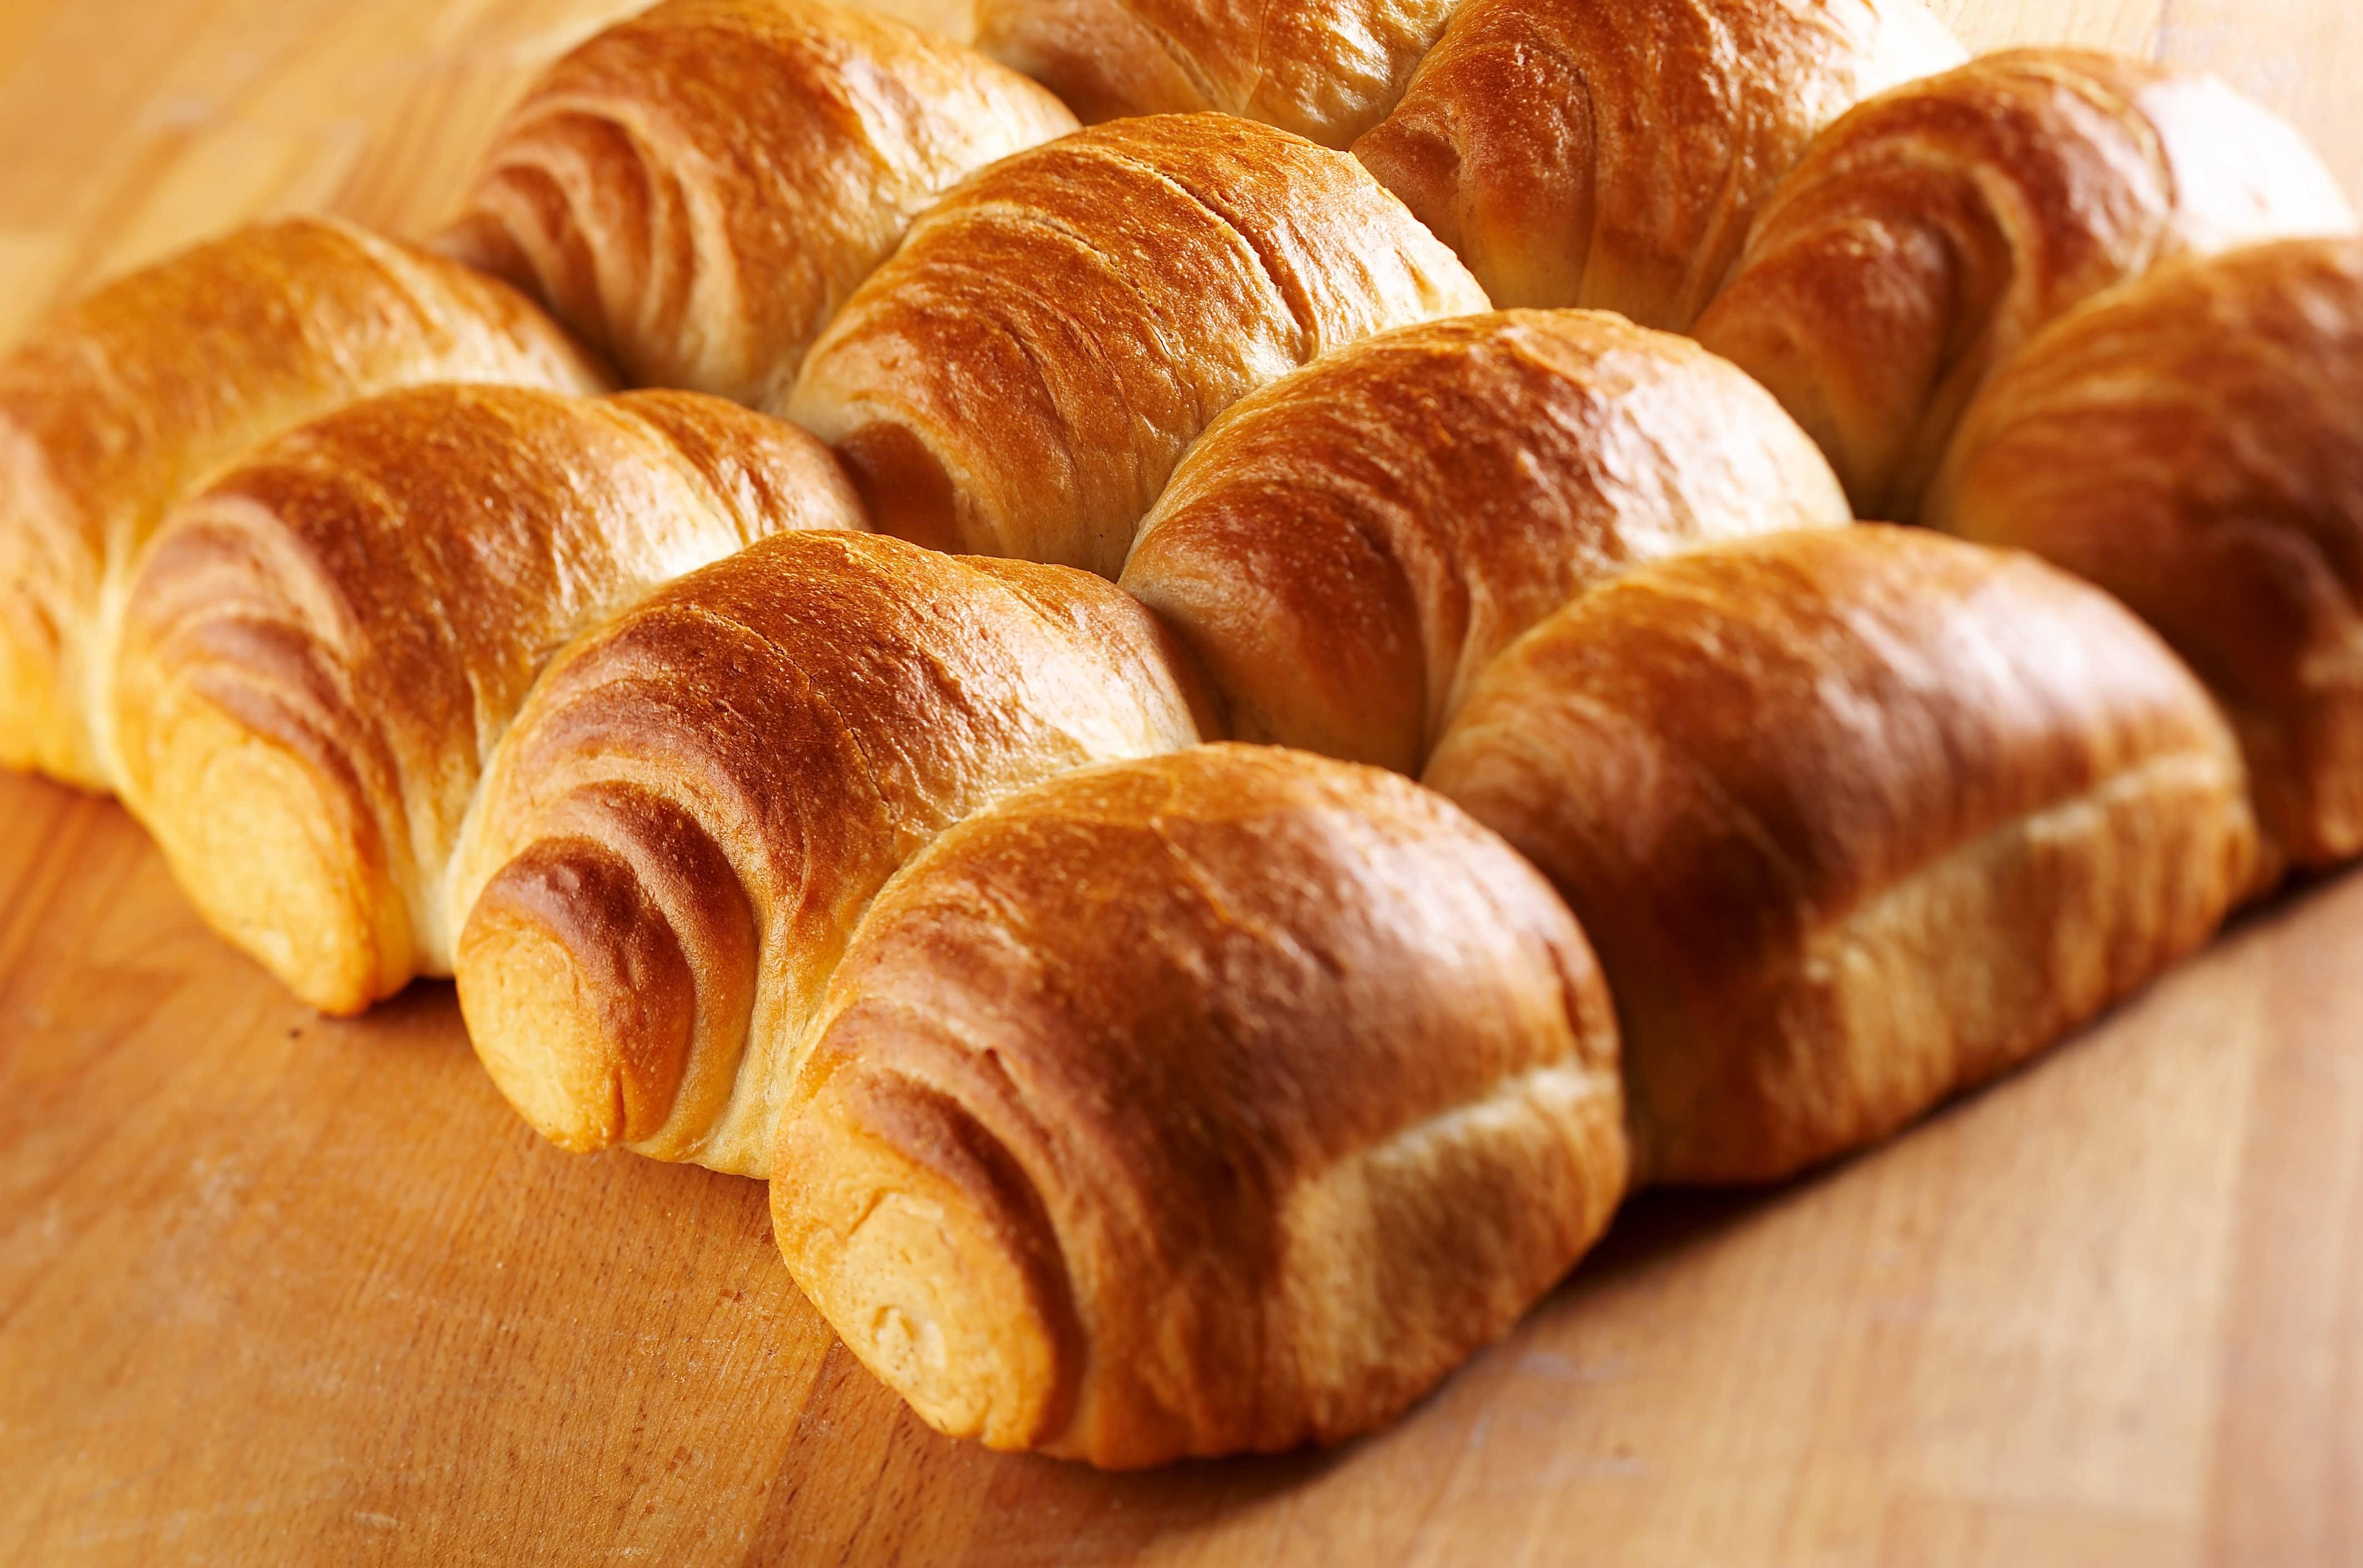 طرز تهیه شیرینی دانمارکی خانگی (گل محمدی) با تصویر